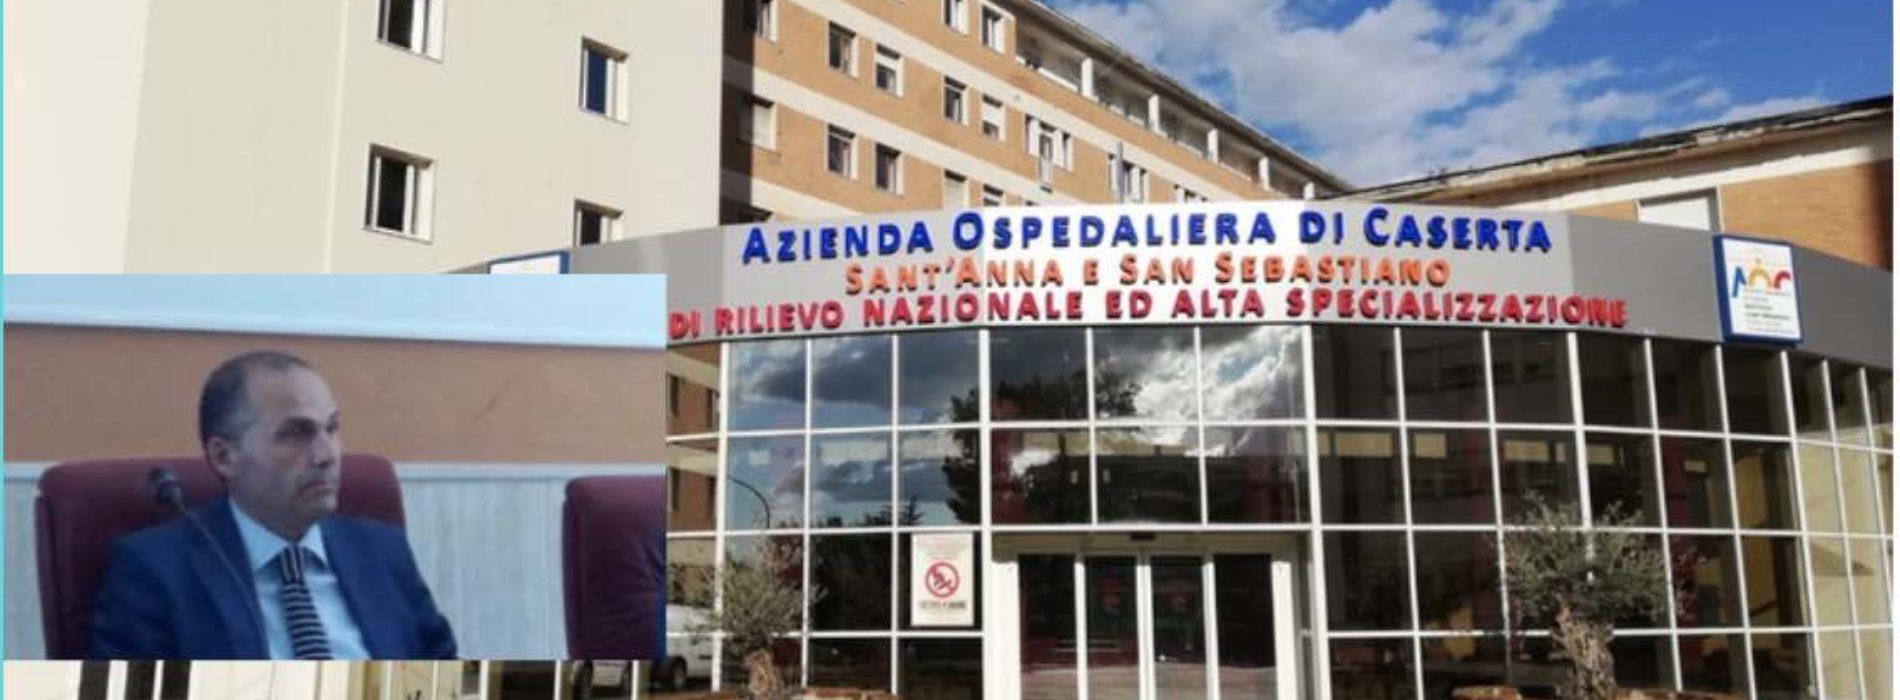 Ospedale Caserta, lettera del direttore Gubitosa ai dipendenti